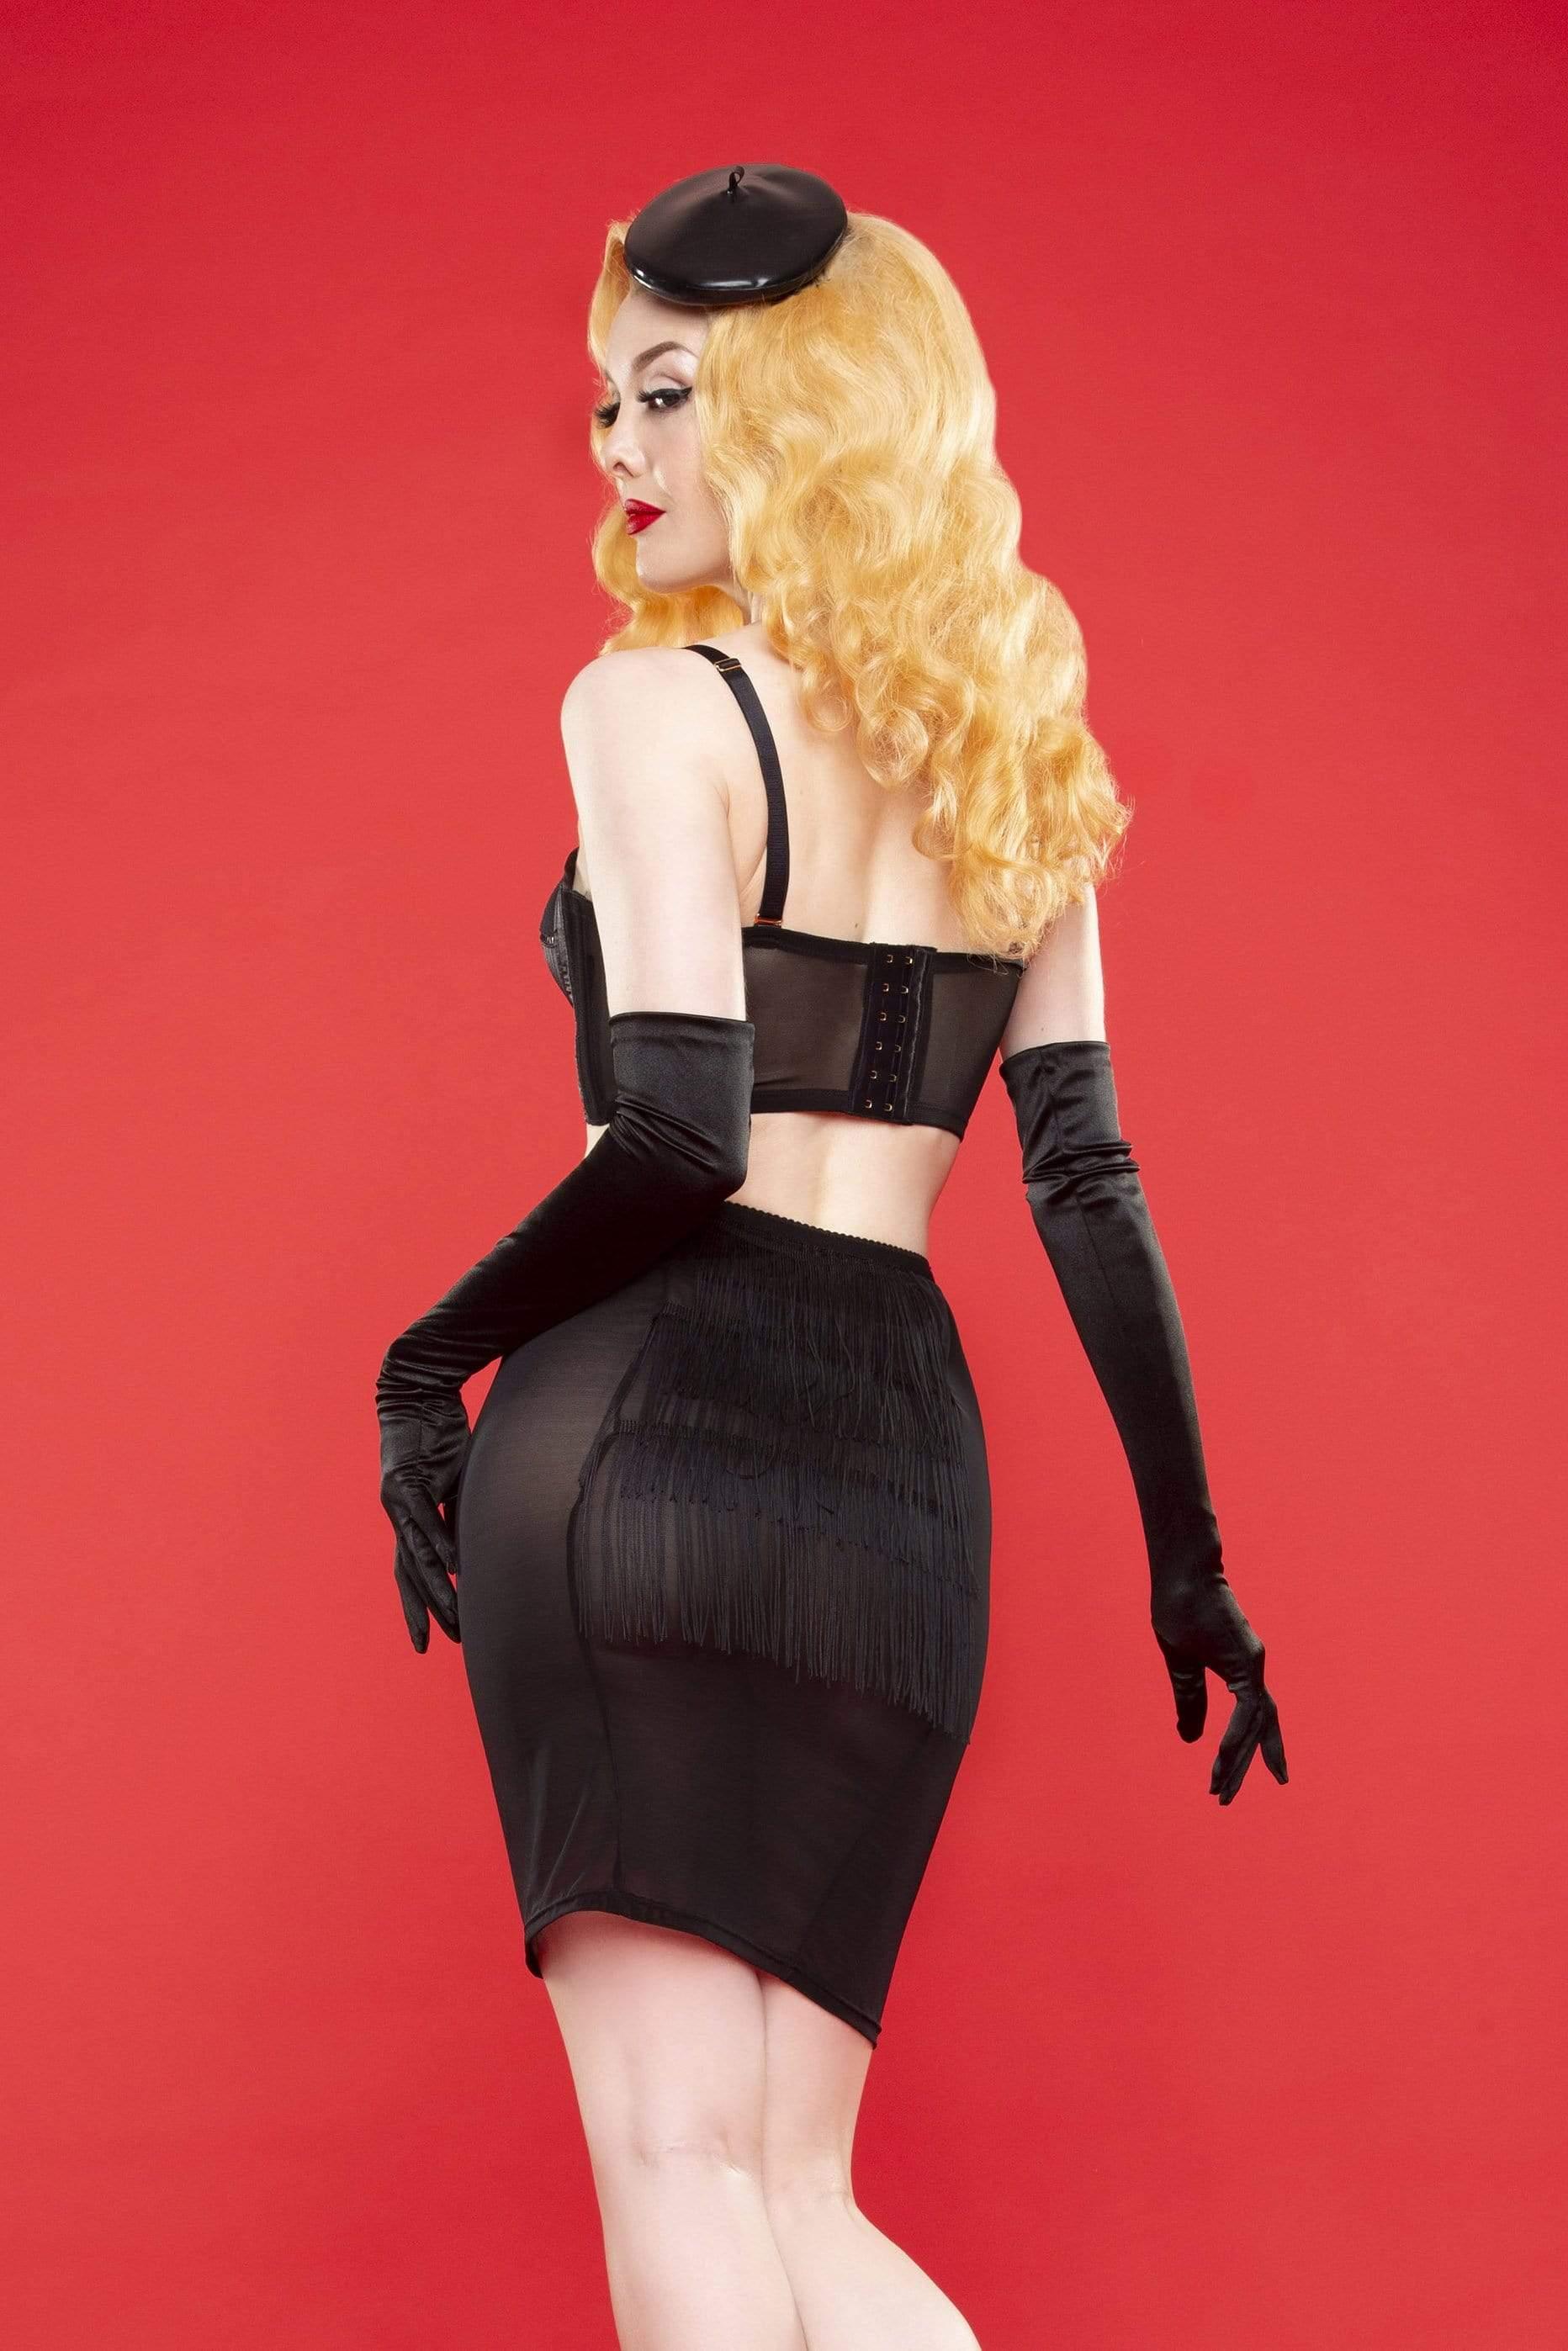 Bettie Page Tassle Lingerie Skirt UK 10 / US 6